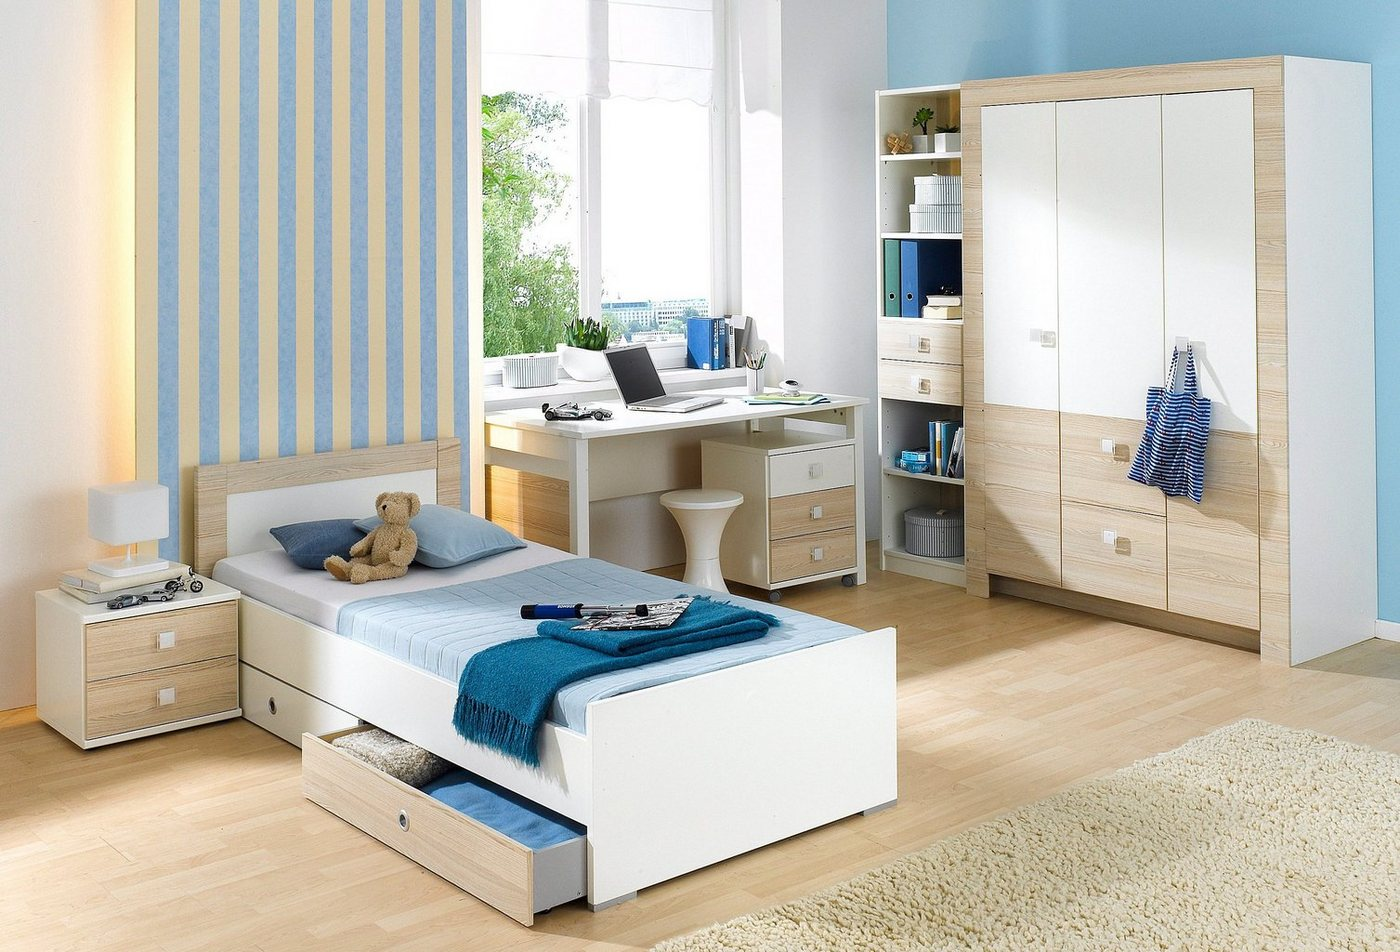 roller jugendzimmer preisvergleiche erfahrungsberichte. Black Bedroom Furniture Sets. Home Design Ideas